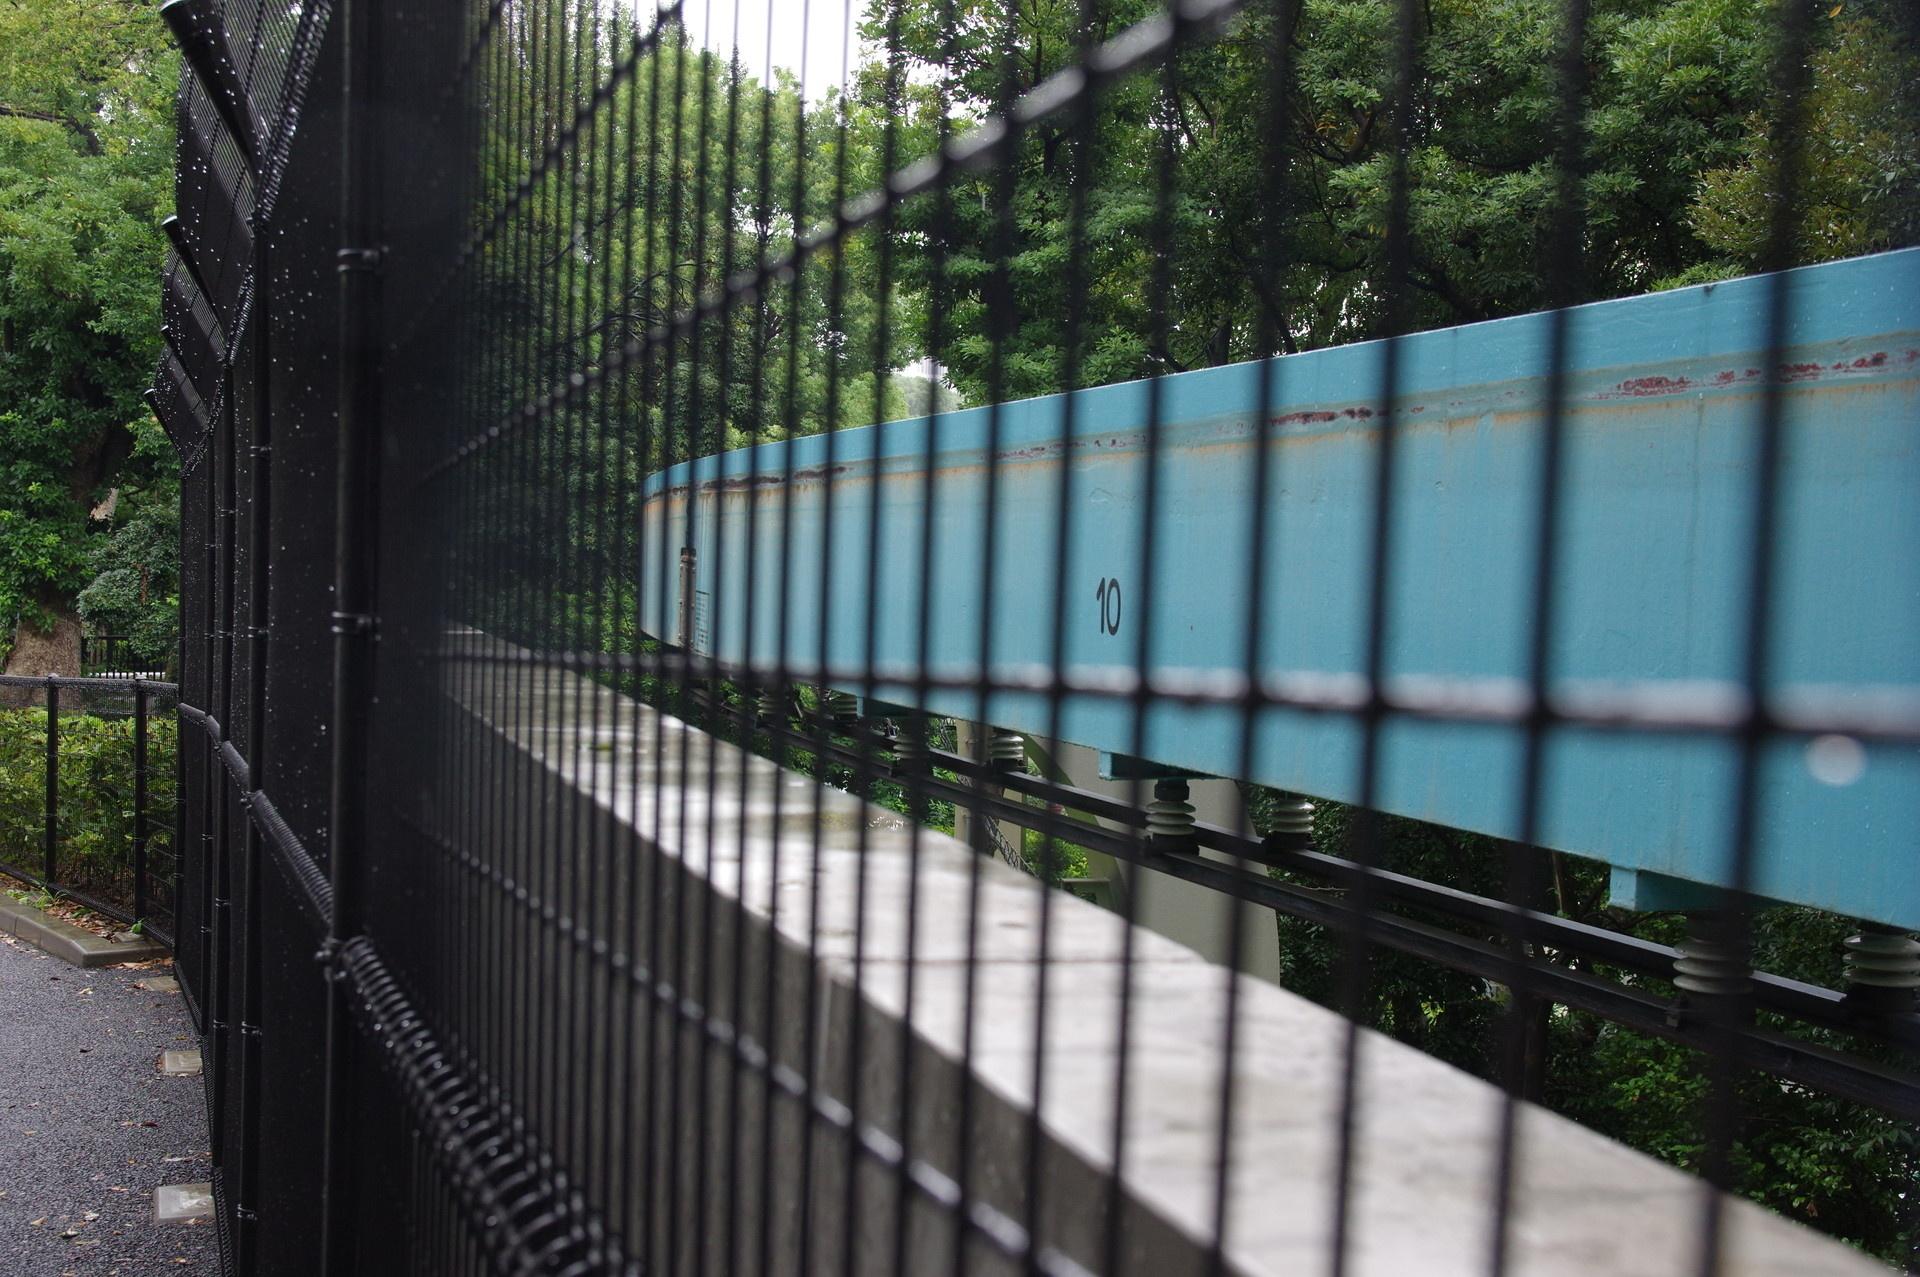 フェンス越しにかろうじて見える11番橋脚